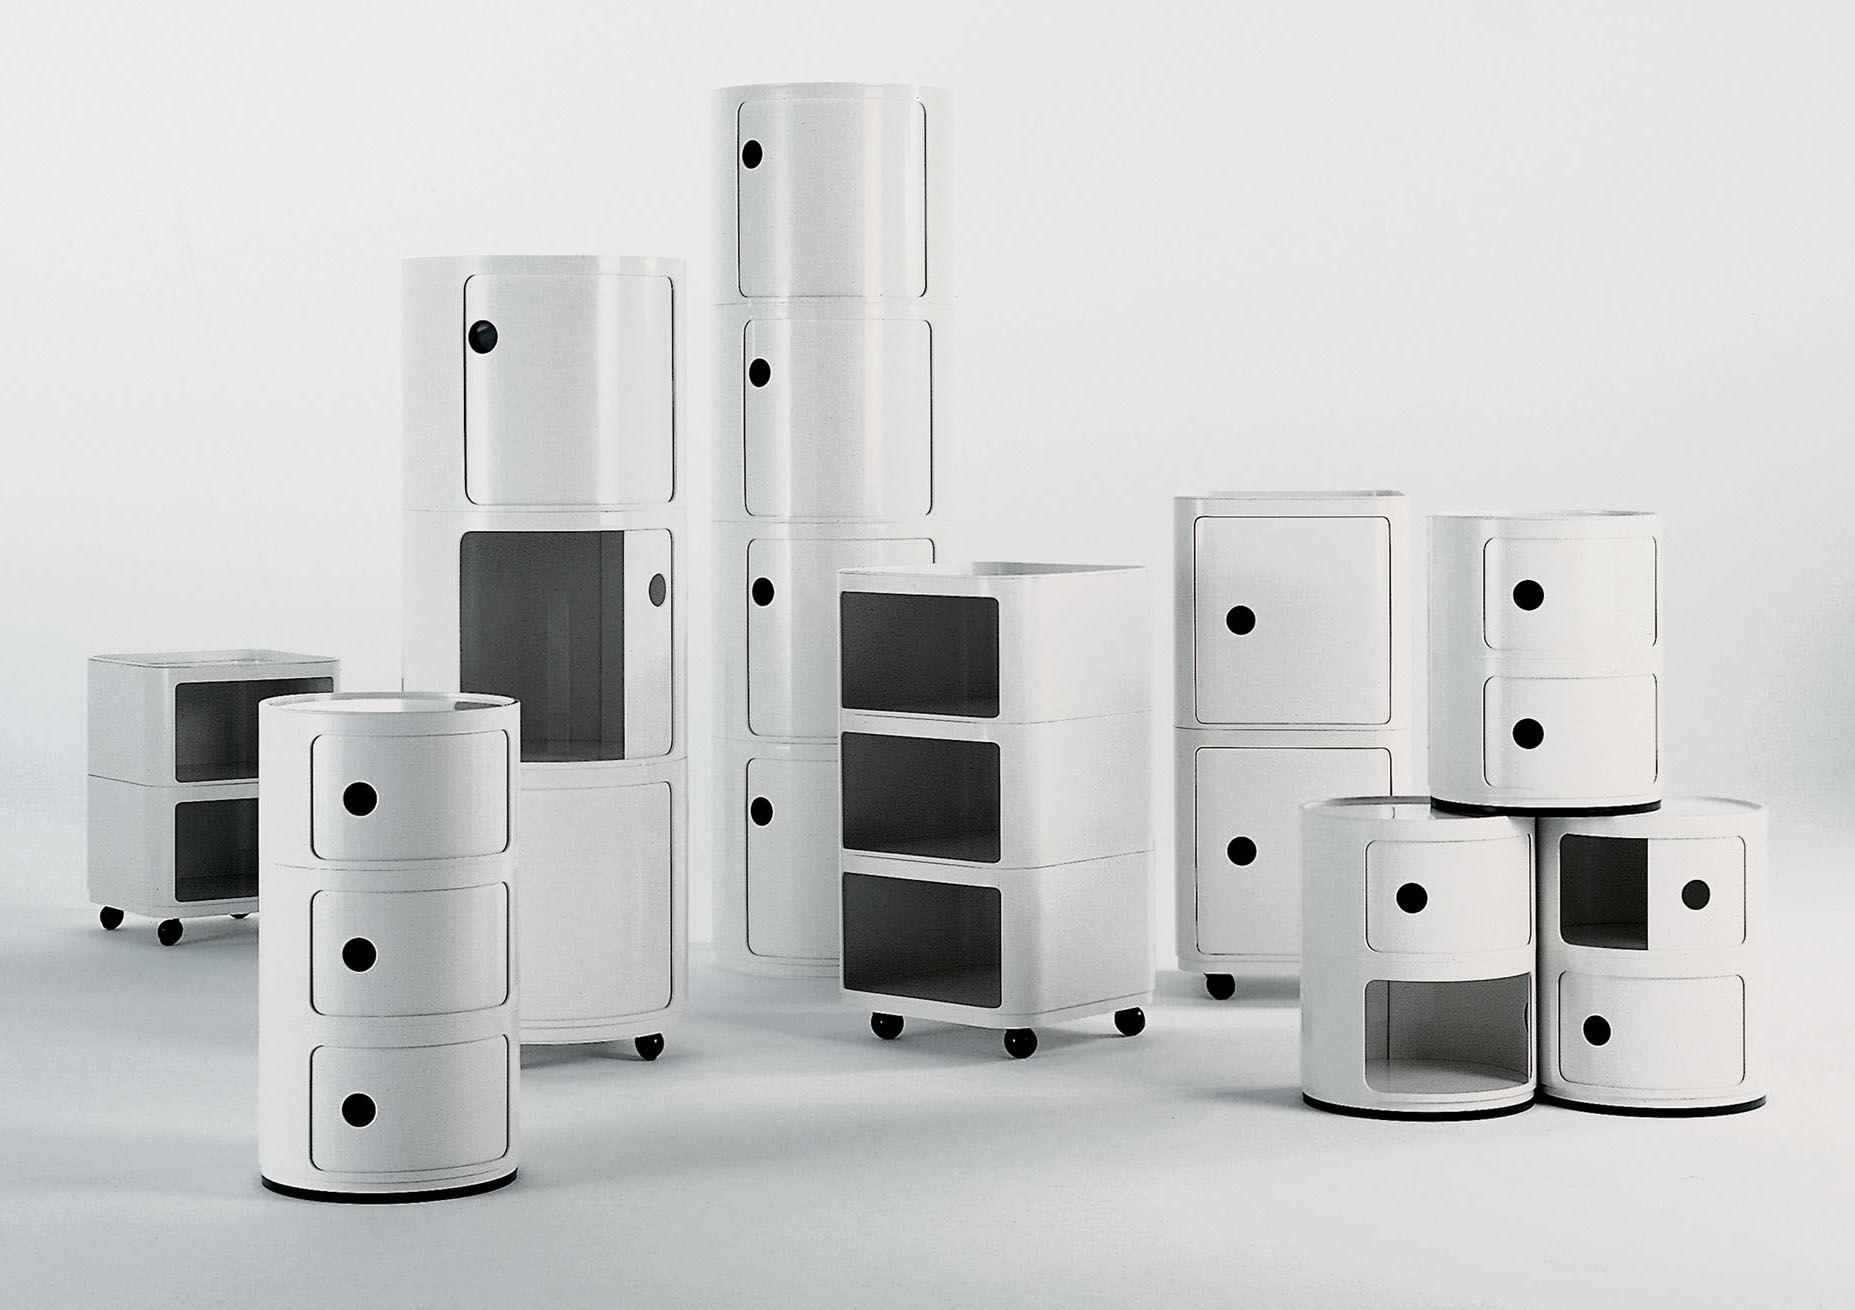 Meuble Salle De Bain Kartell ~ rangement componibili 3 tiroirs h 58 cm noir kartell made in